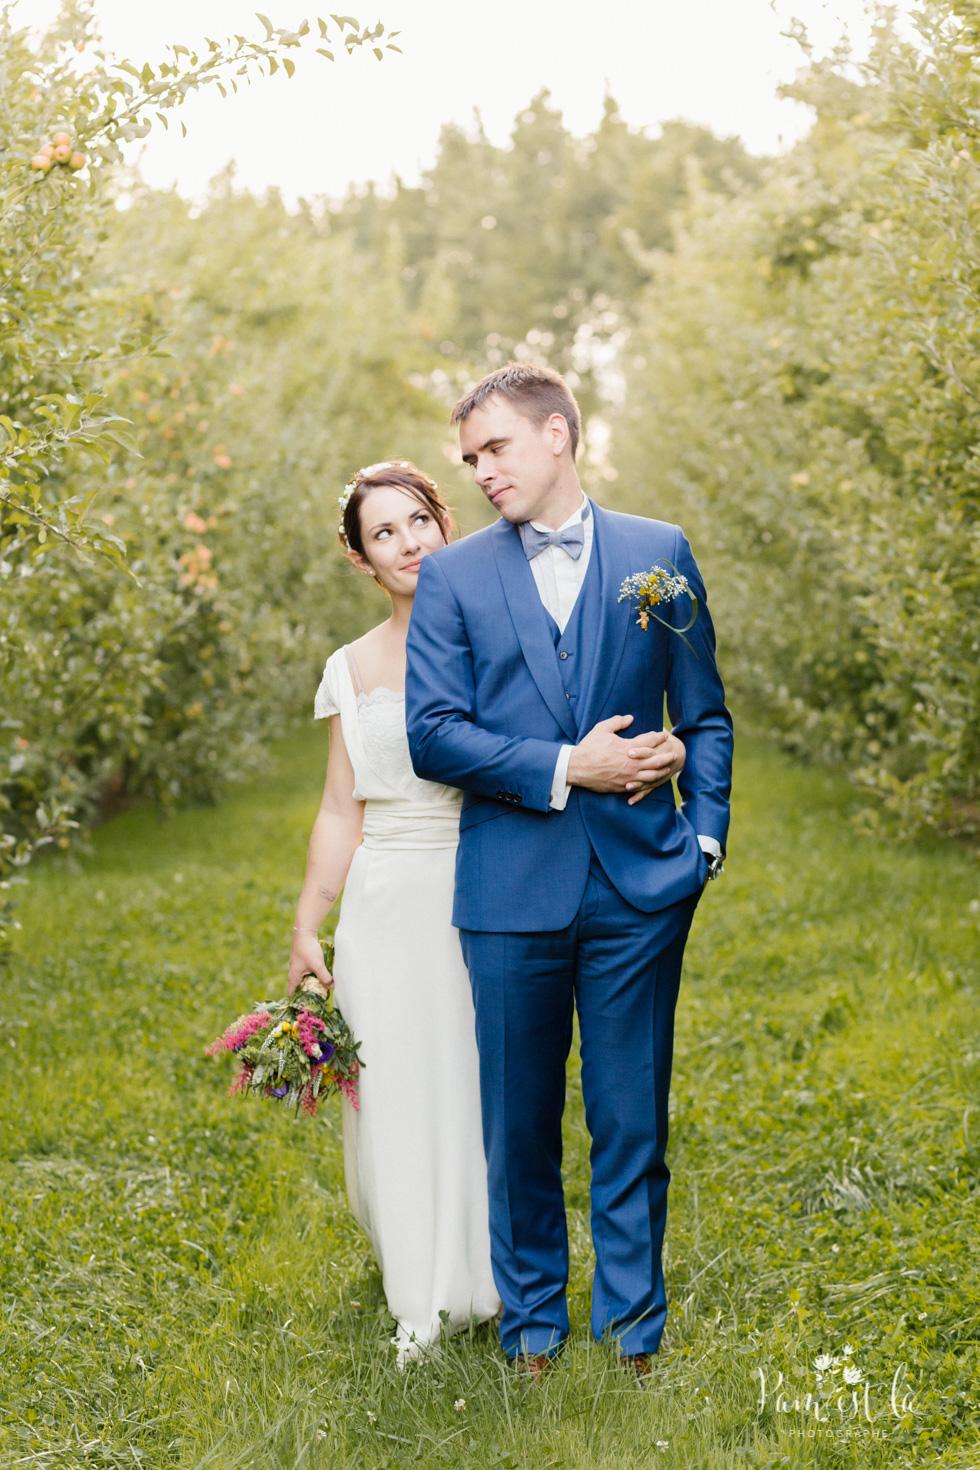 photographe-mariage-paris-grange-des-triples-pamestla-aurelie-clement-0812-2